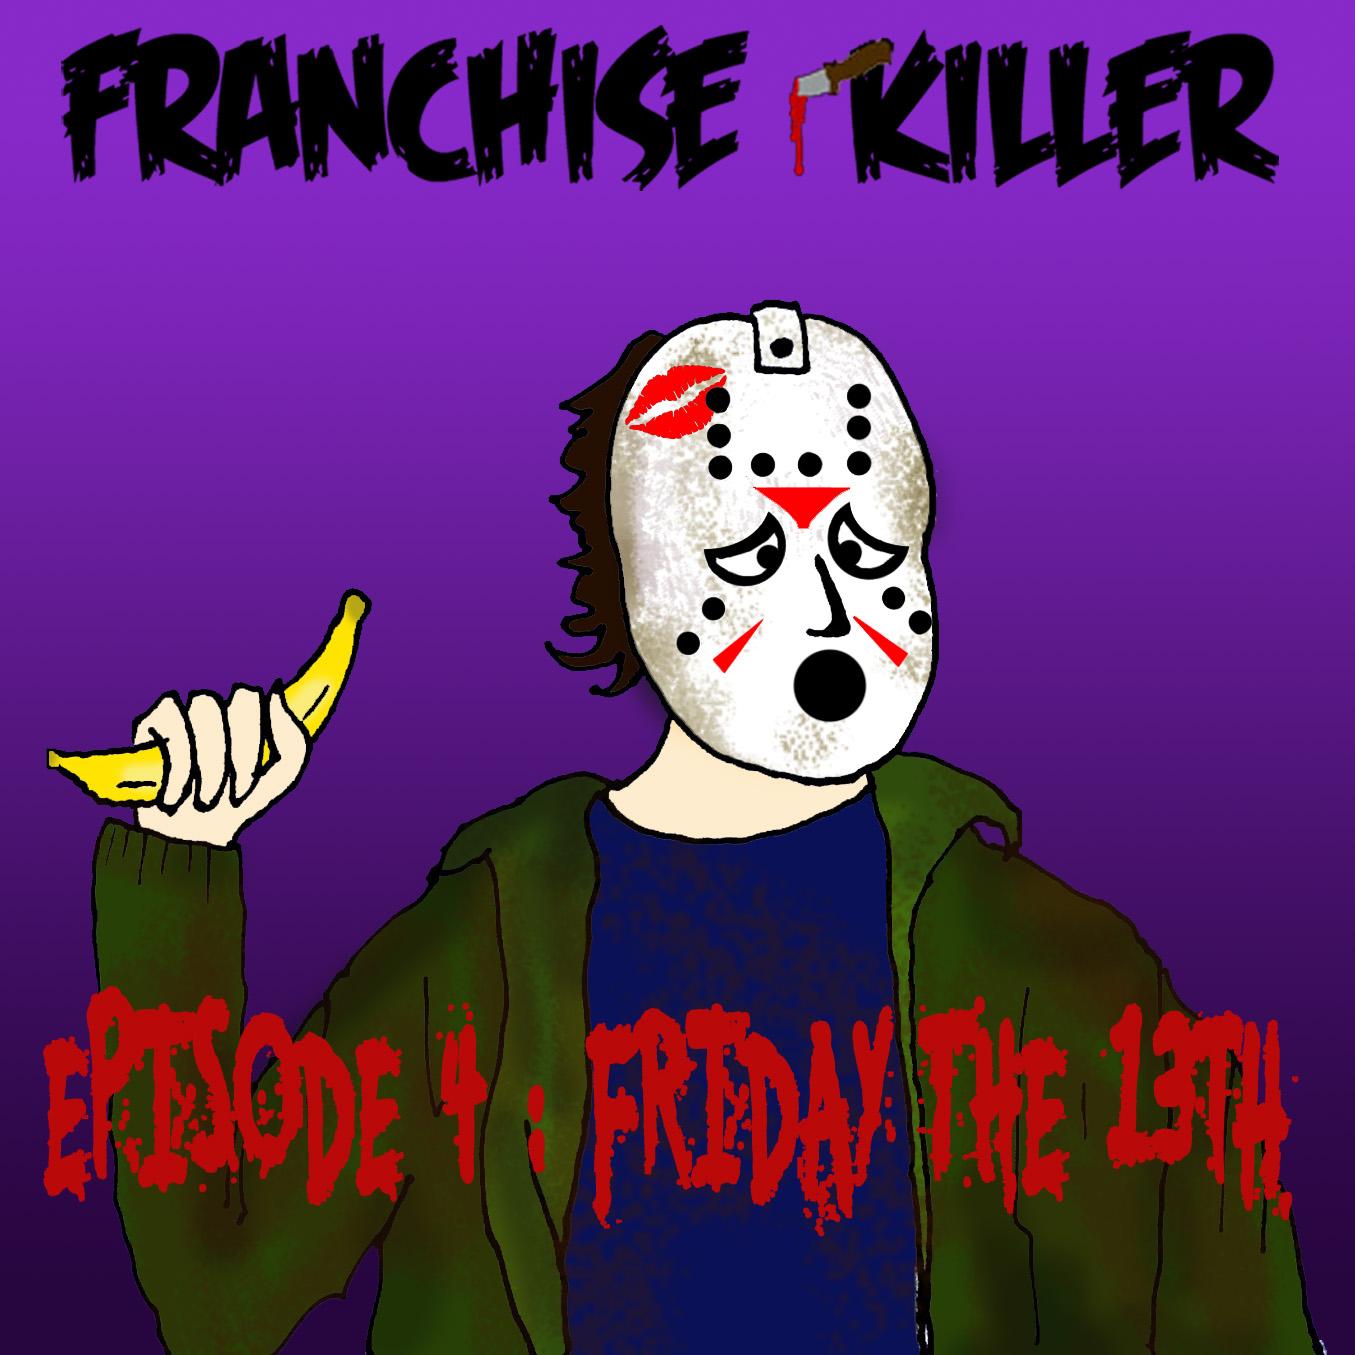 franchise killer art